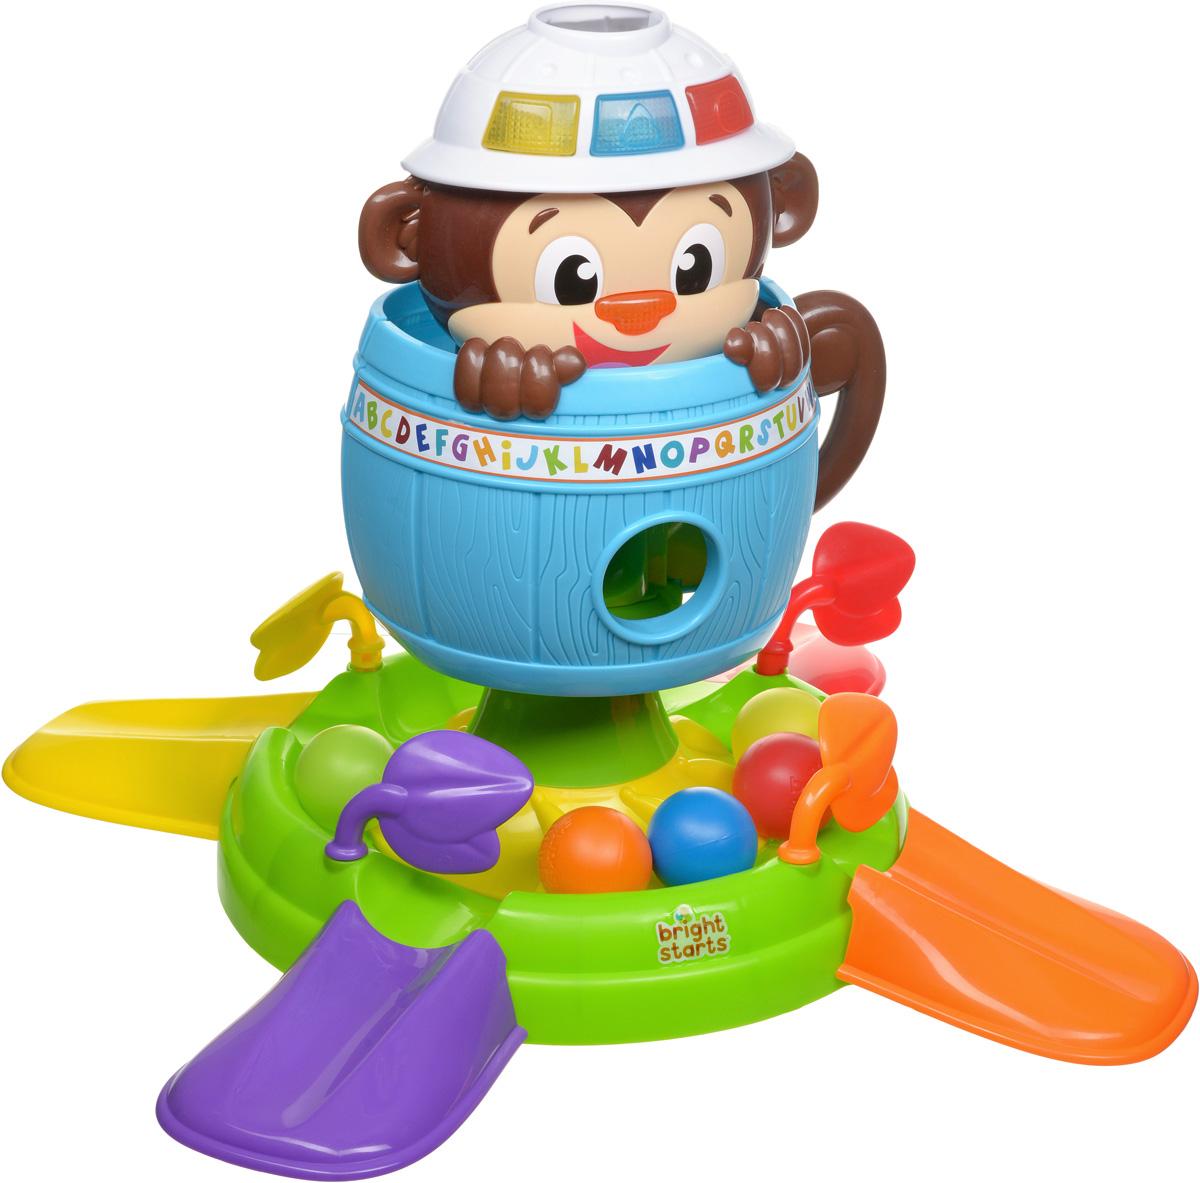 Bright Starts Развивающая игрушка Обезьянка в бочке цвет бочки голубой развивающая игрушка bright starts развивающая игрушка обезьянка на кольцах